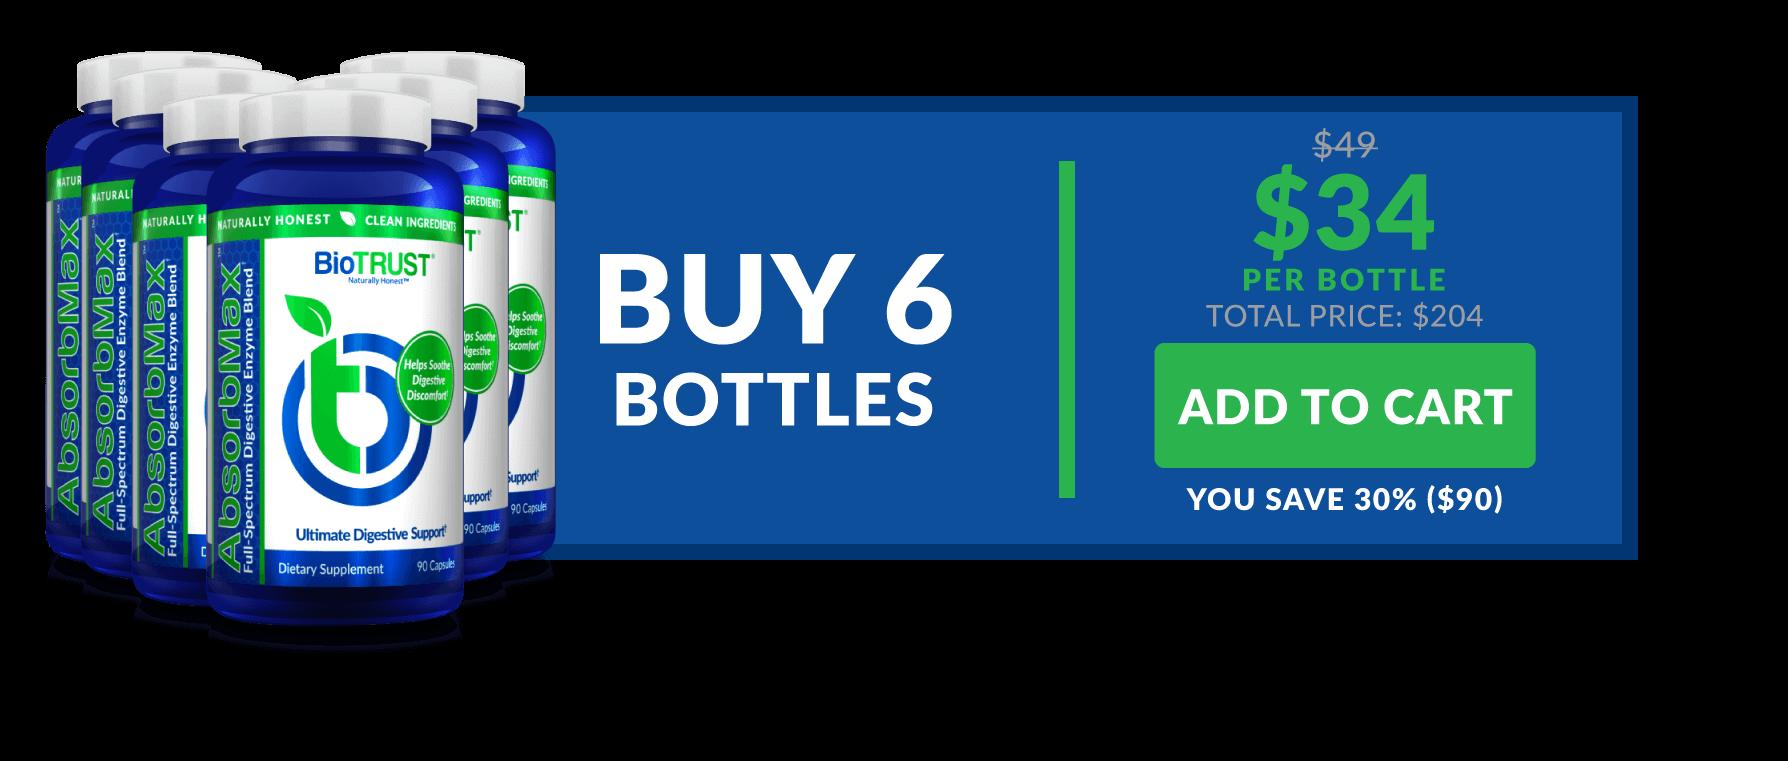 6 bottles